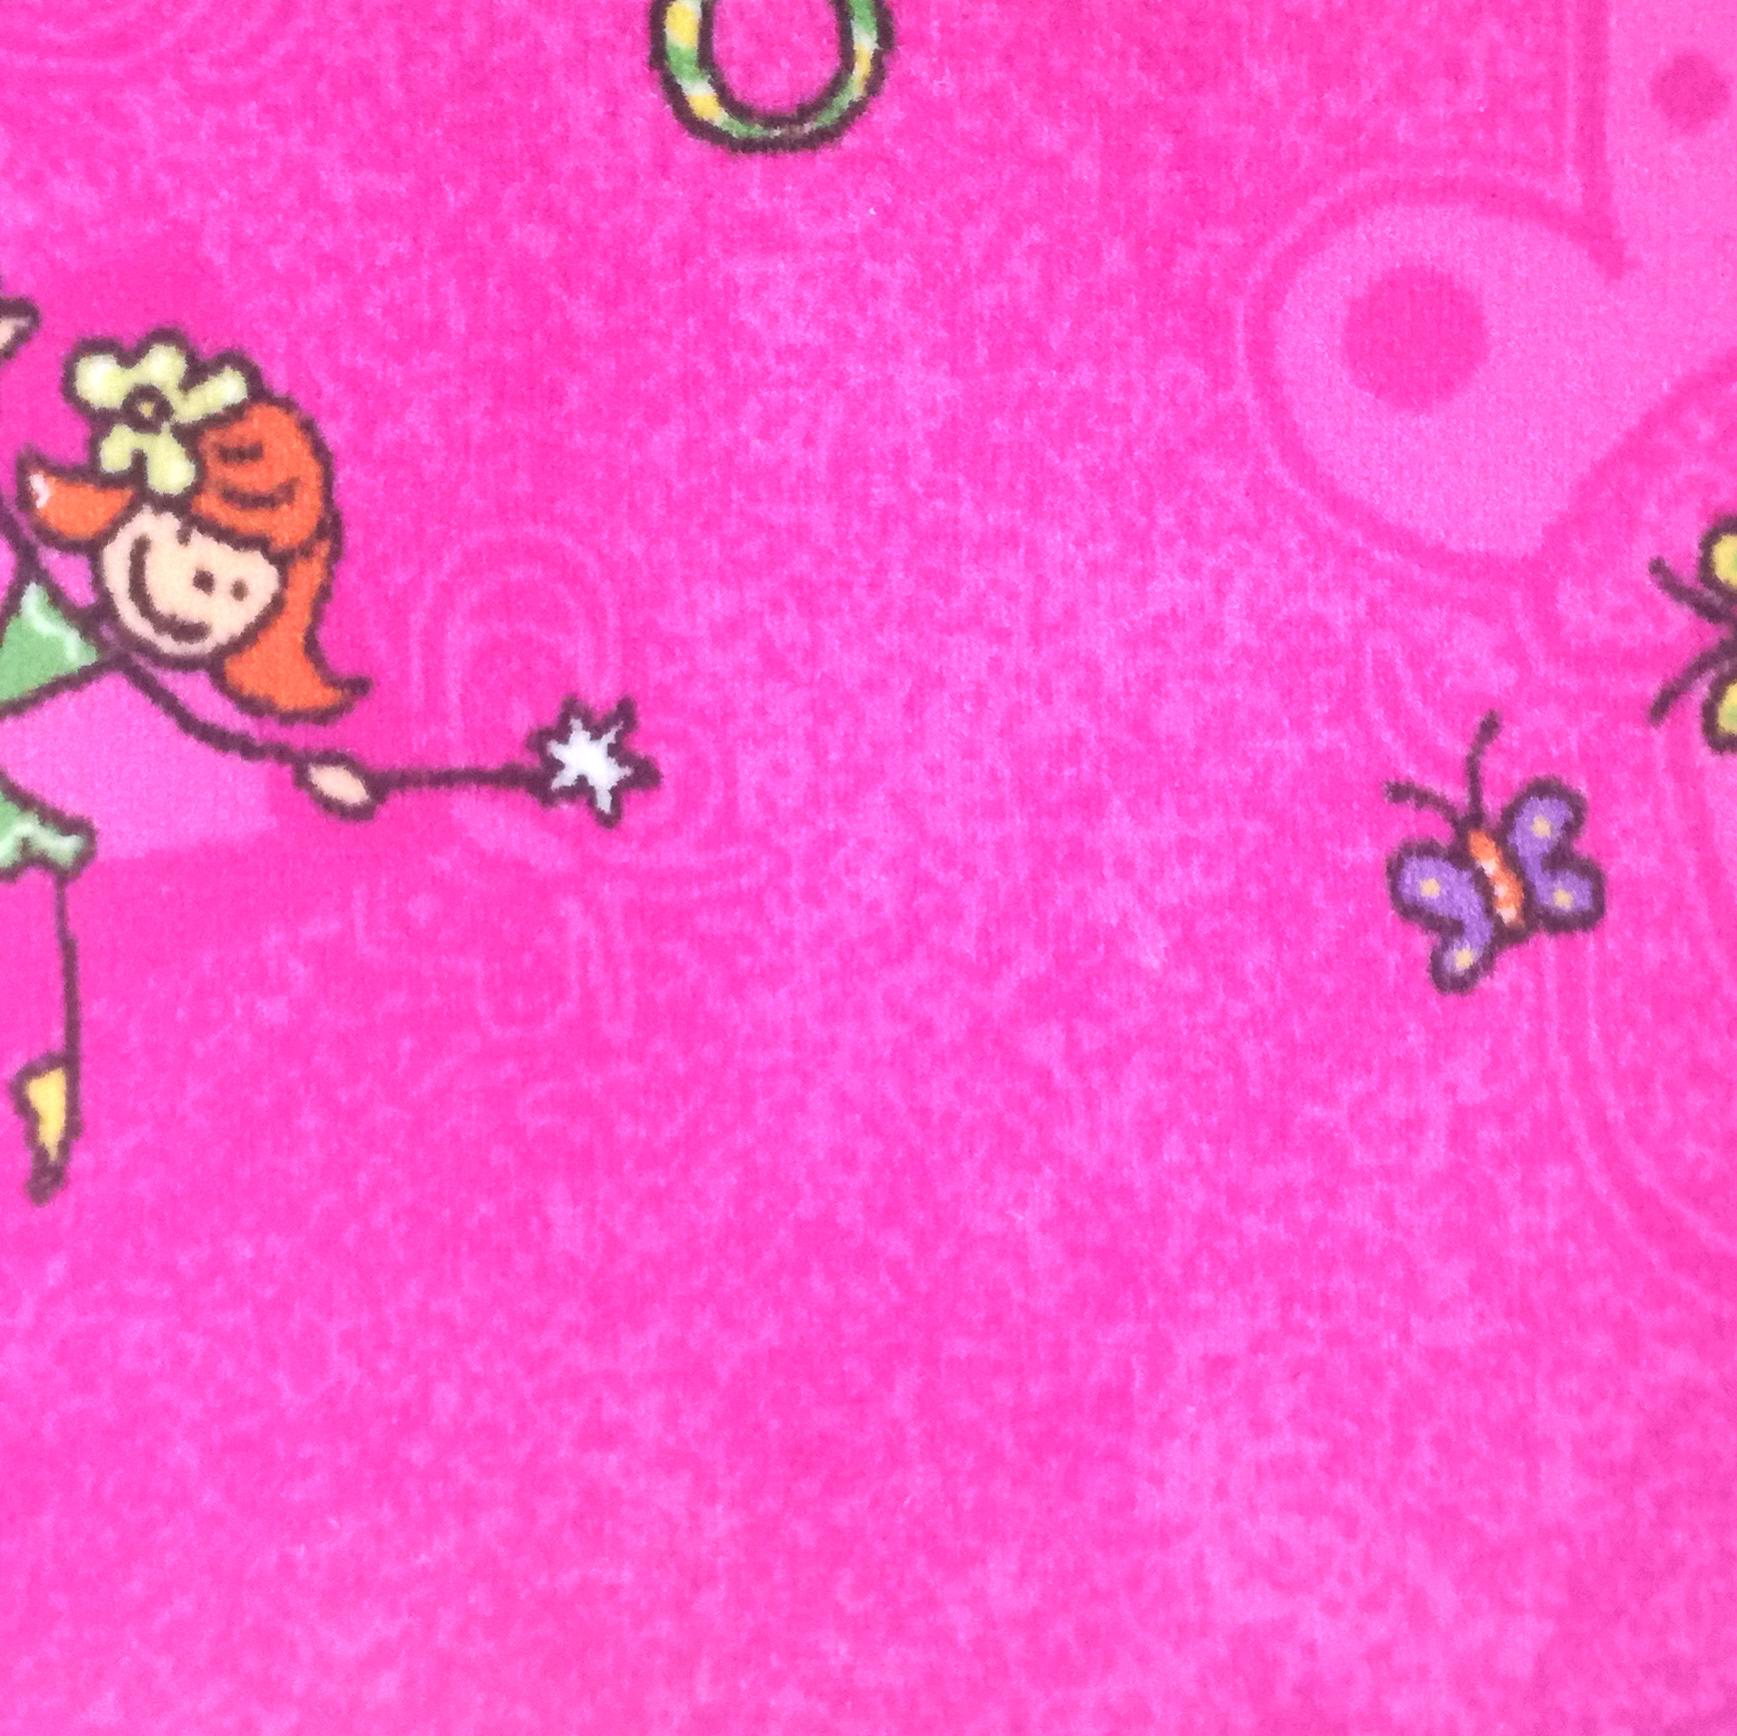 Dětský koberec Taniny 5230 růžový Šíře role: 4 m